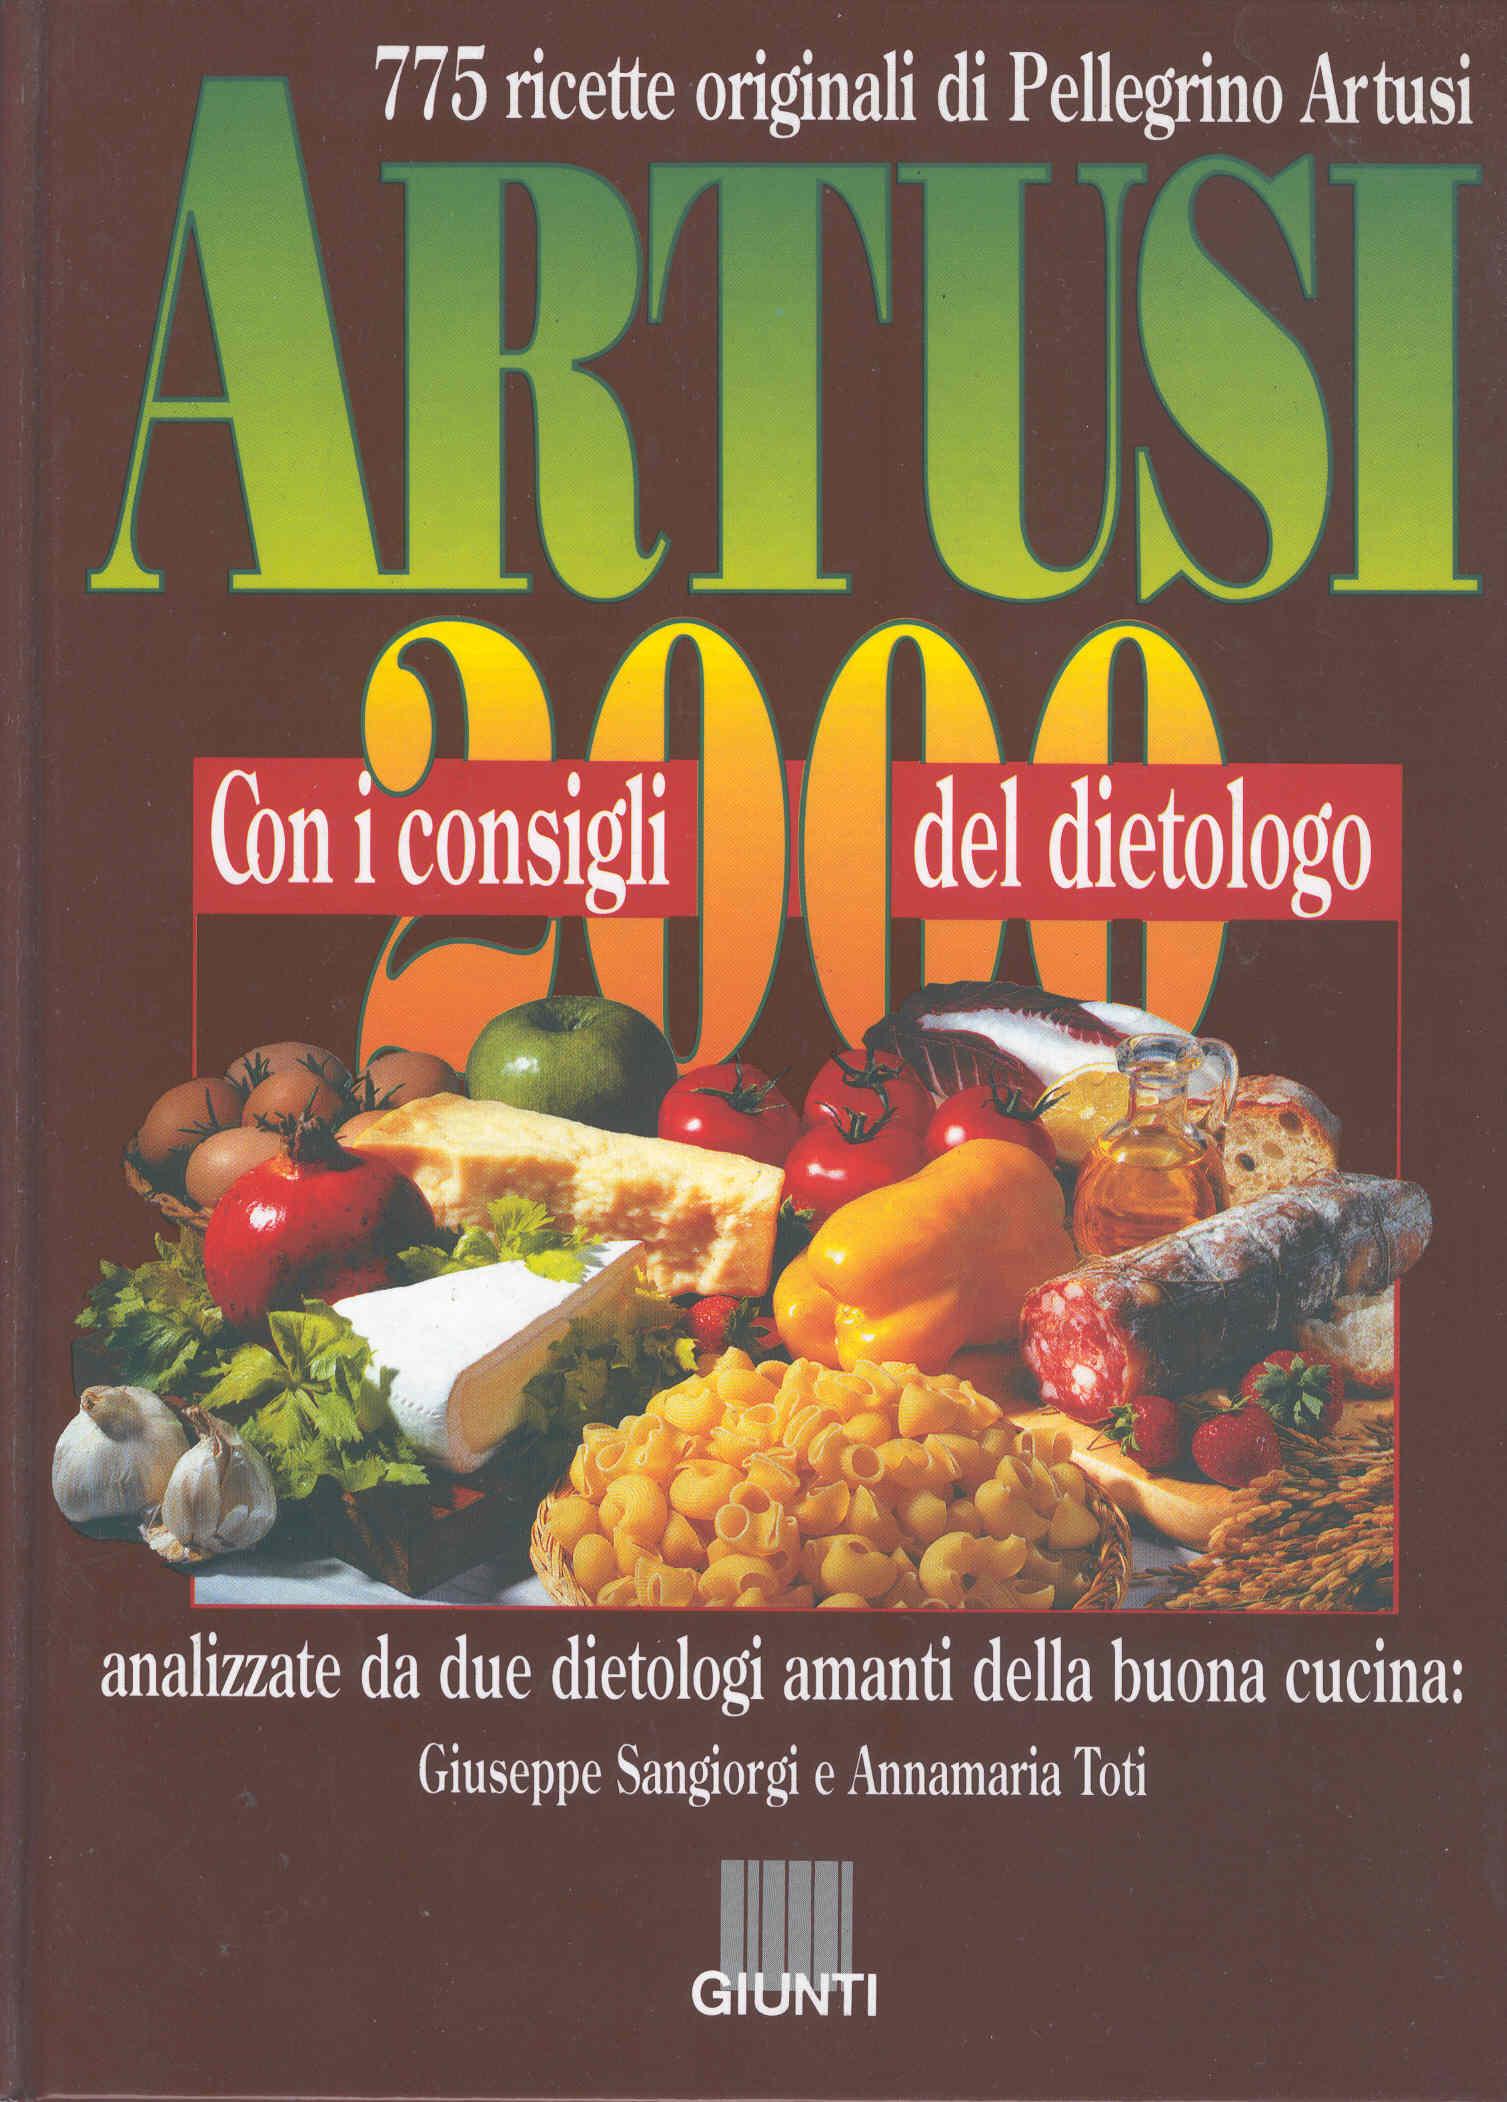 Artusi 2000